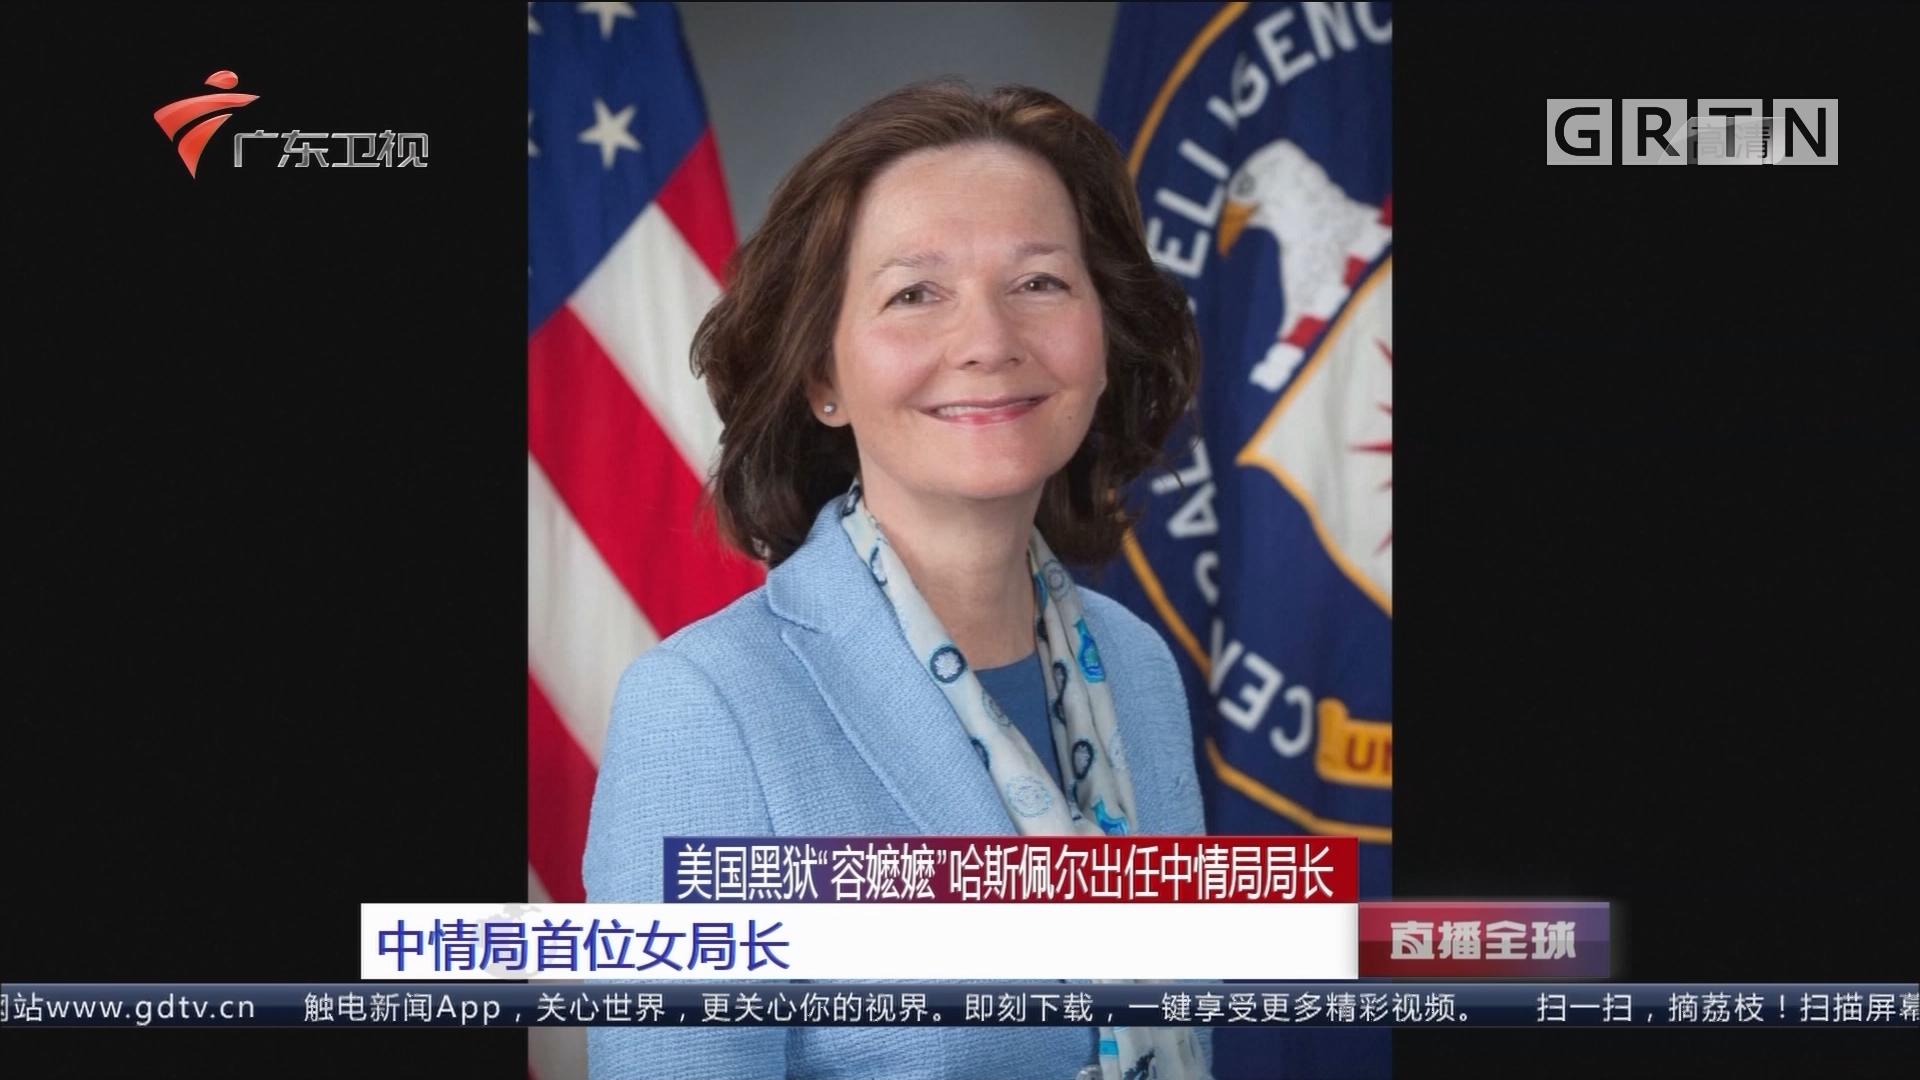 """美国黑狱""""容嬷嬷""""哈斯佩尔出任中情局局长:中情局首位女局长"""